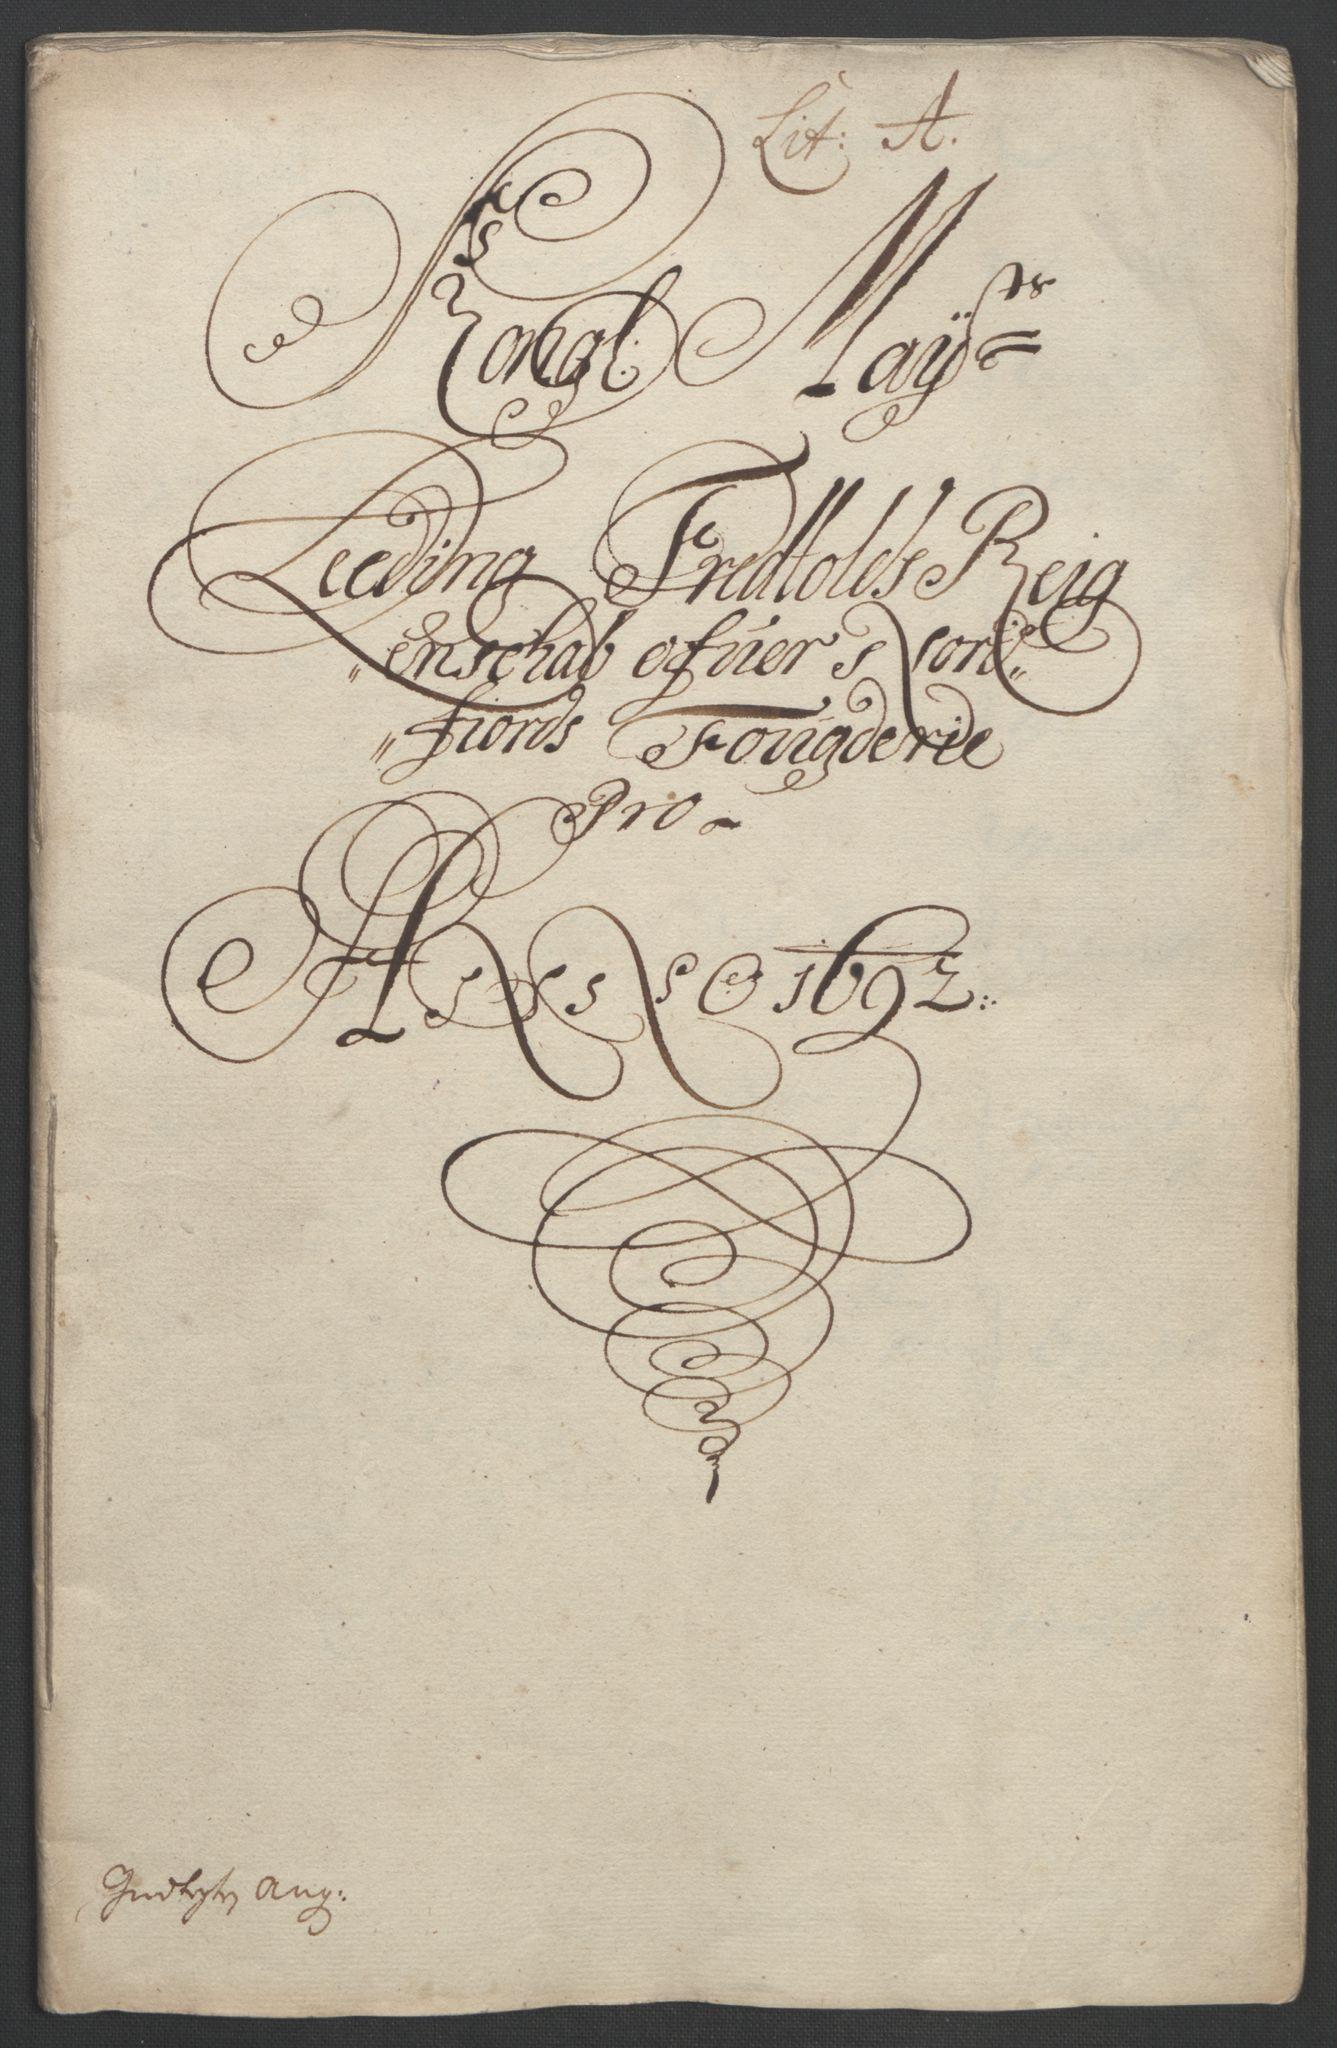 RA, Rentekammeret inntil 1814, Reviderte regnskaper, Fogderegnskap, R53/L3420: Fogderegnskap Sunn- og Nordfjord, 1691-1692, s. 290